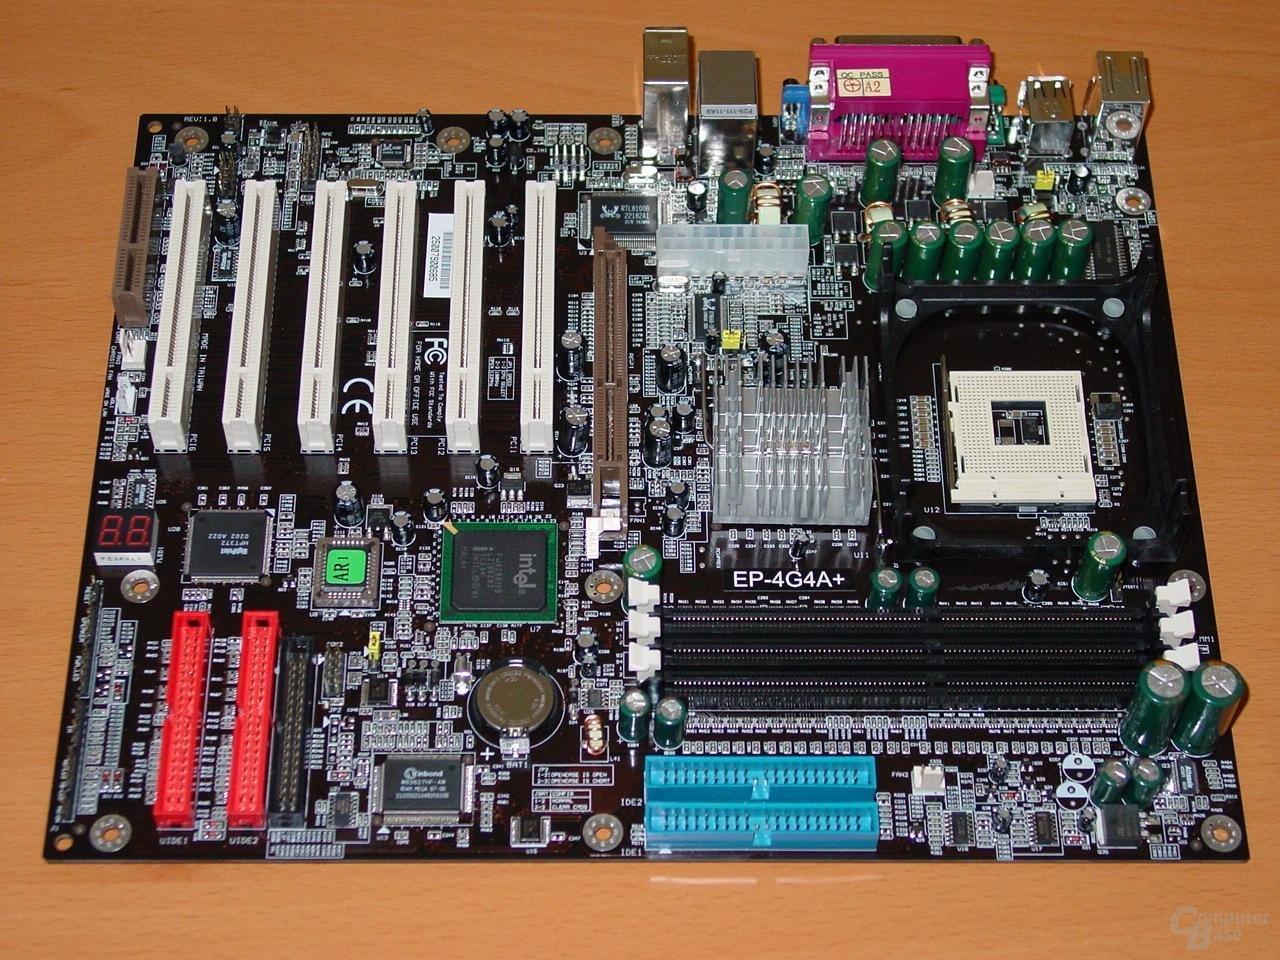 Das EP-4G4A+ mit Intel 845G